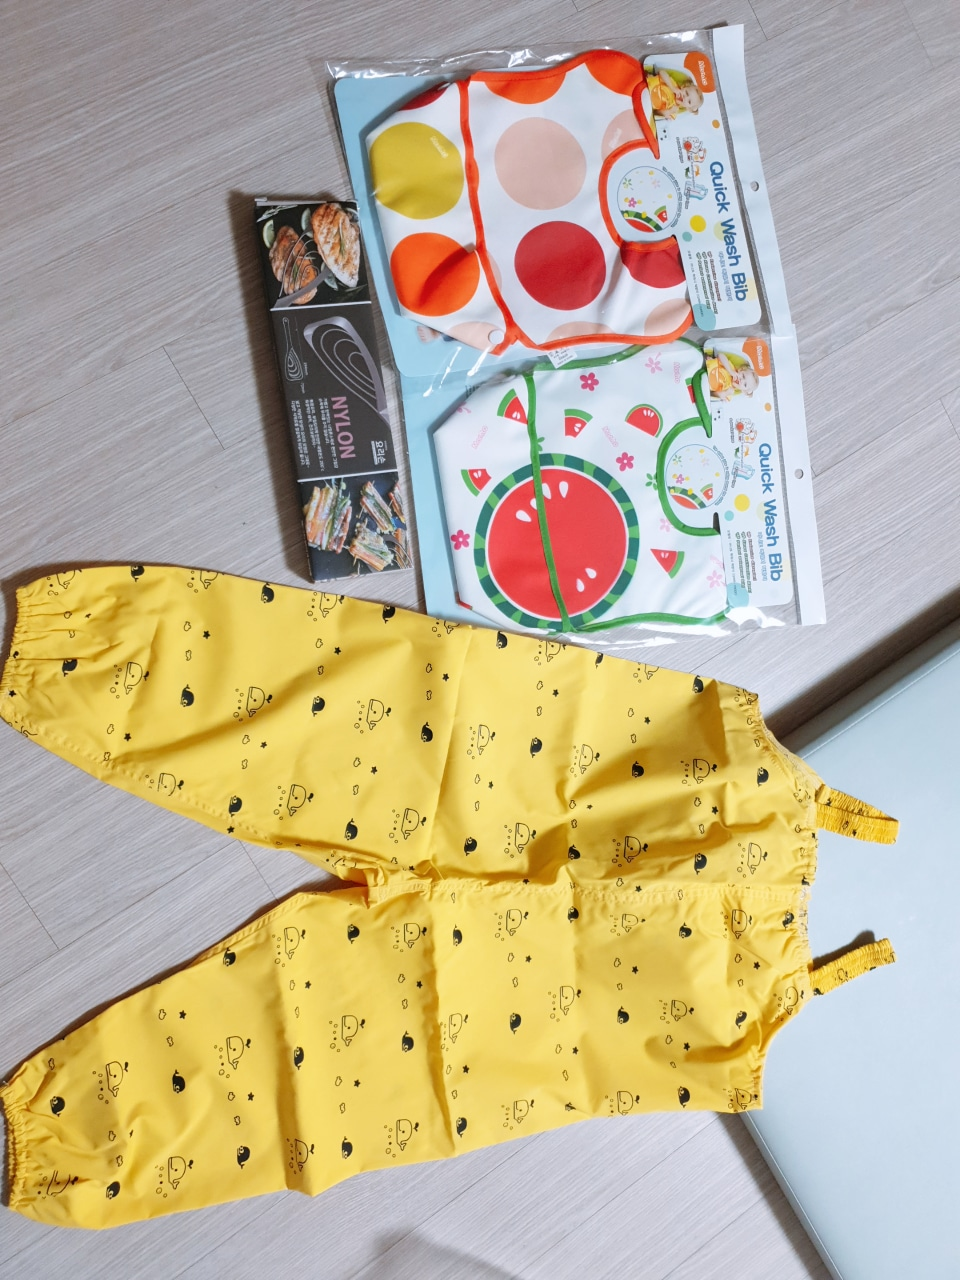 (가격내림)유아 미술가운/턱밭이/뒤집게 일괄판매합니다.